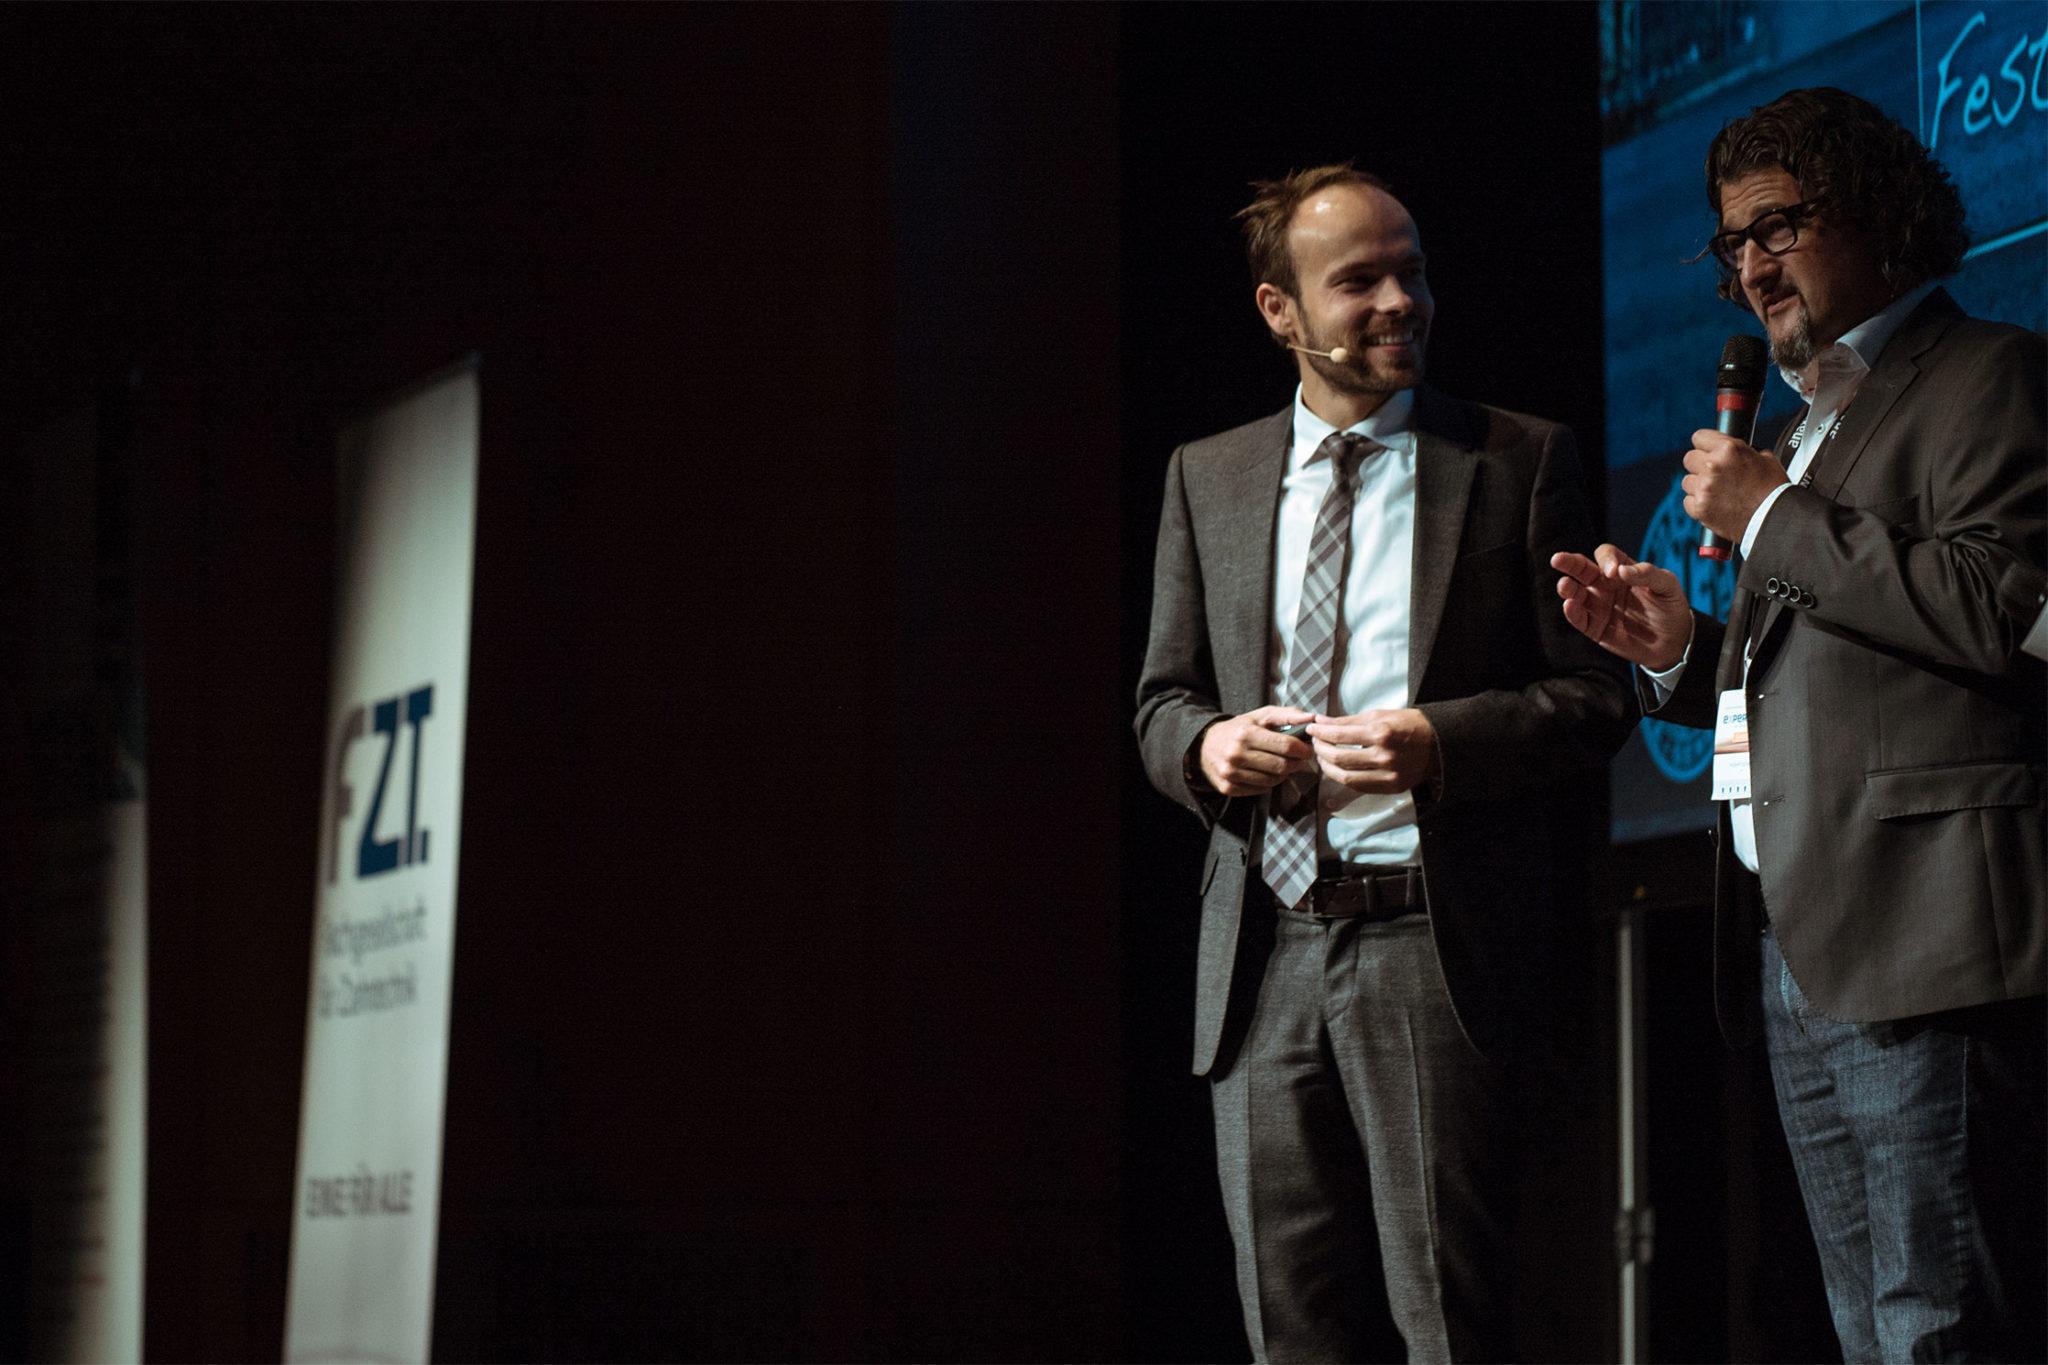 Hubert Schenk bekam als Moderator fast alle Fragen beantwortet.